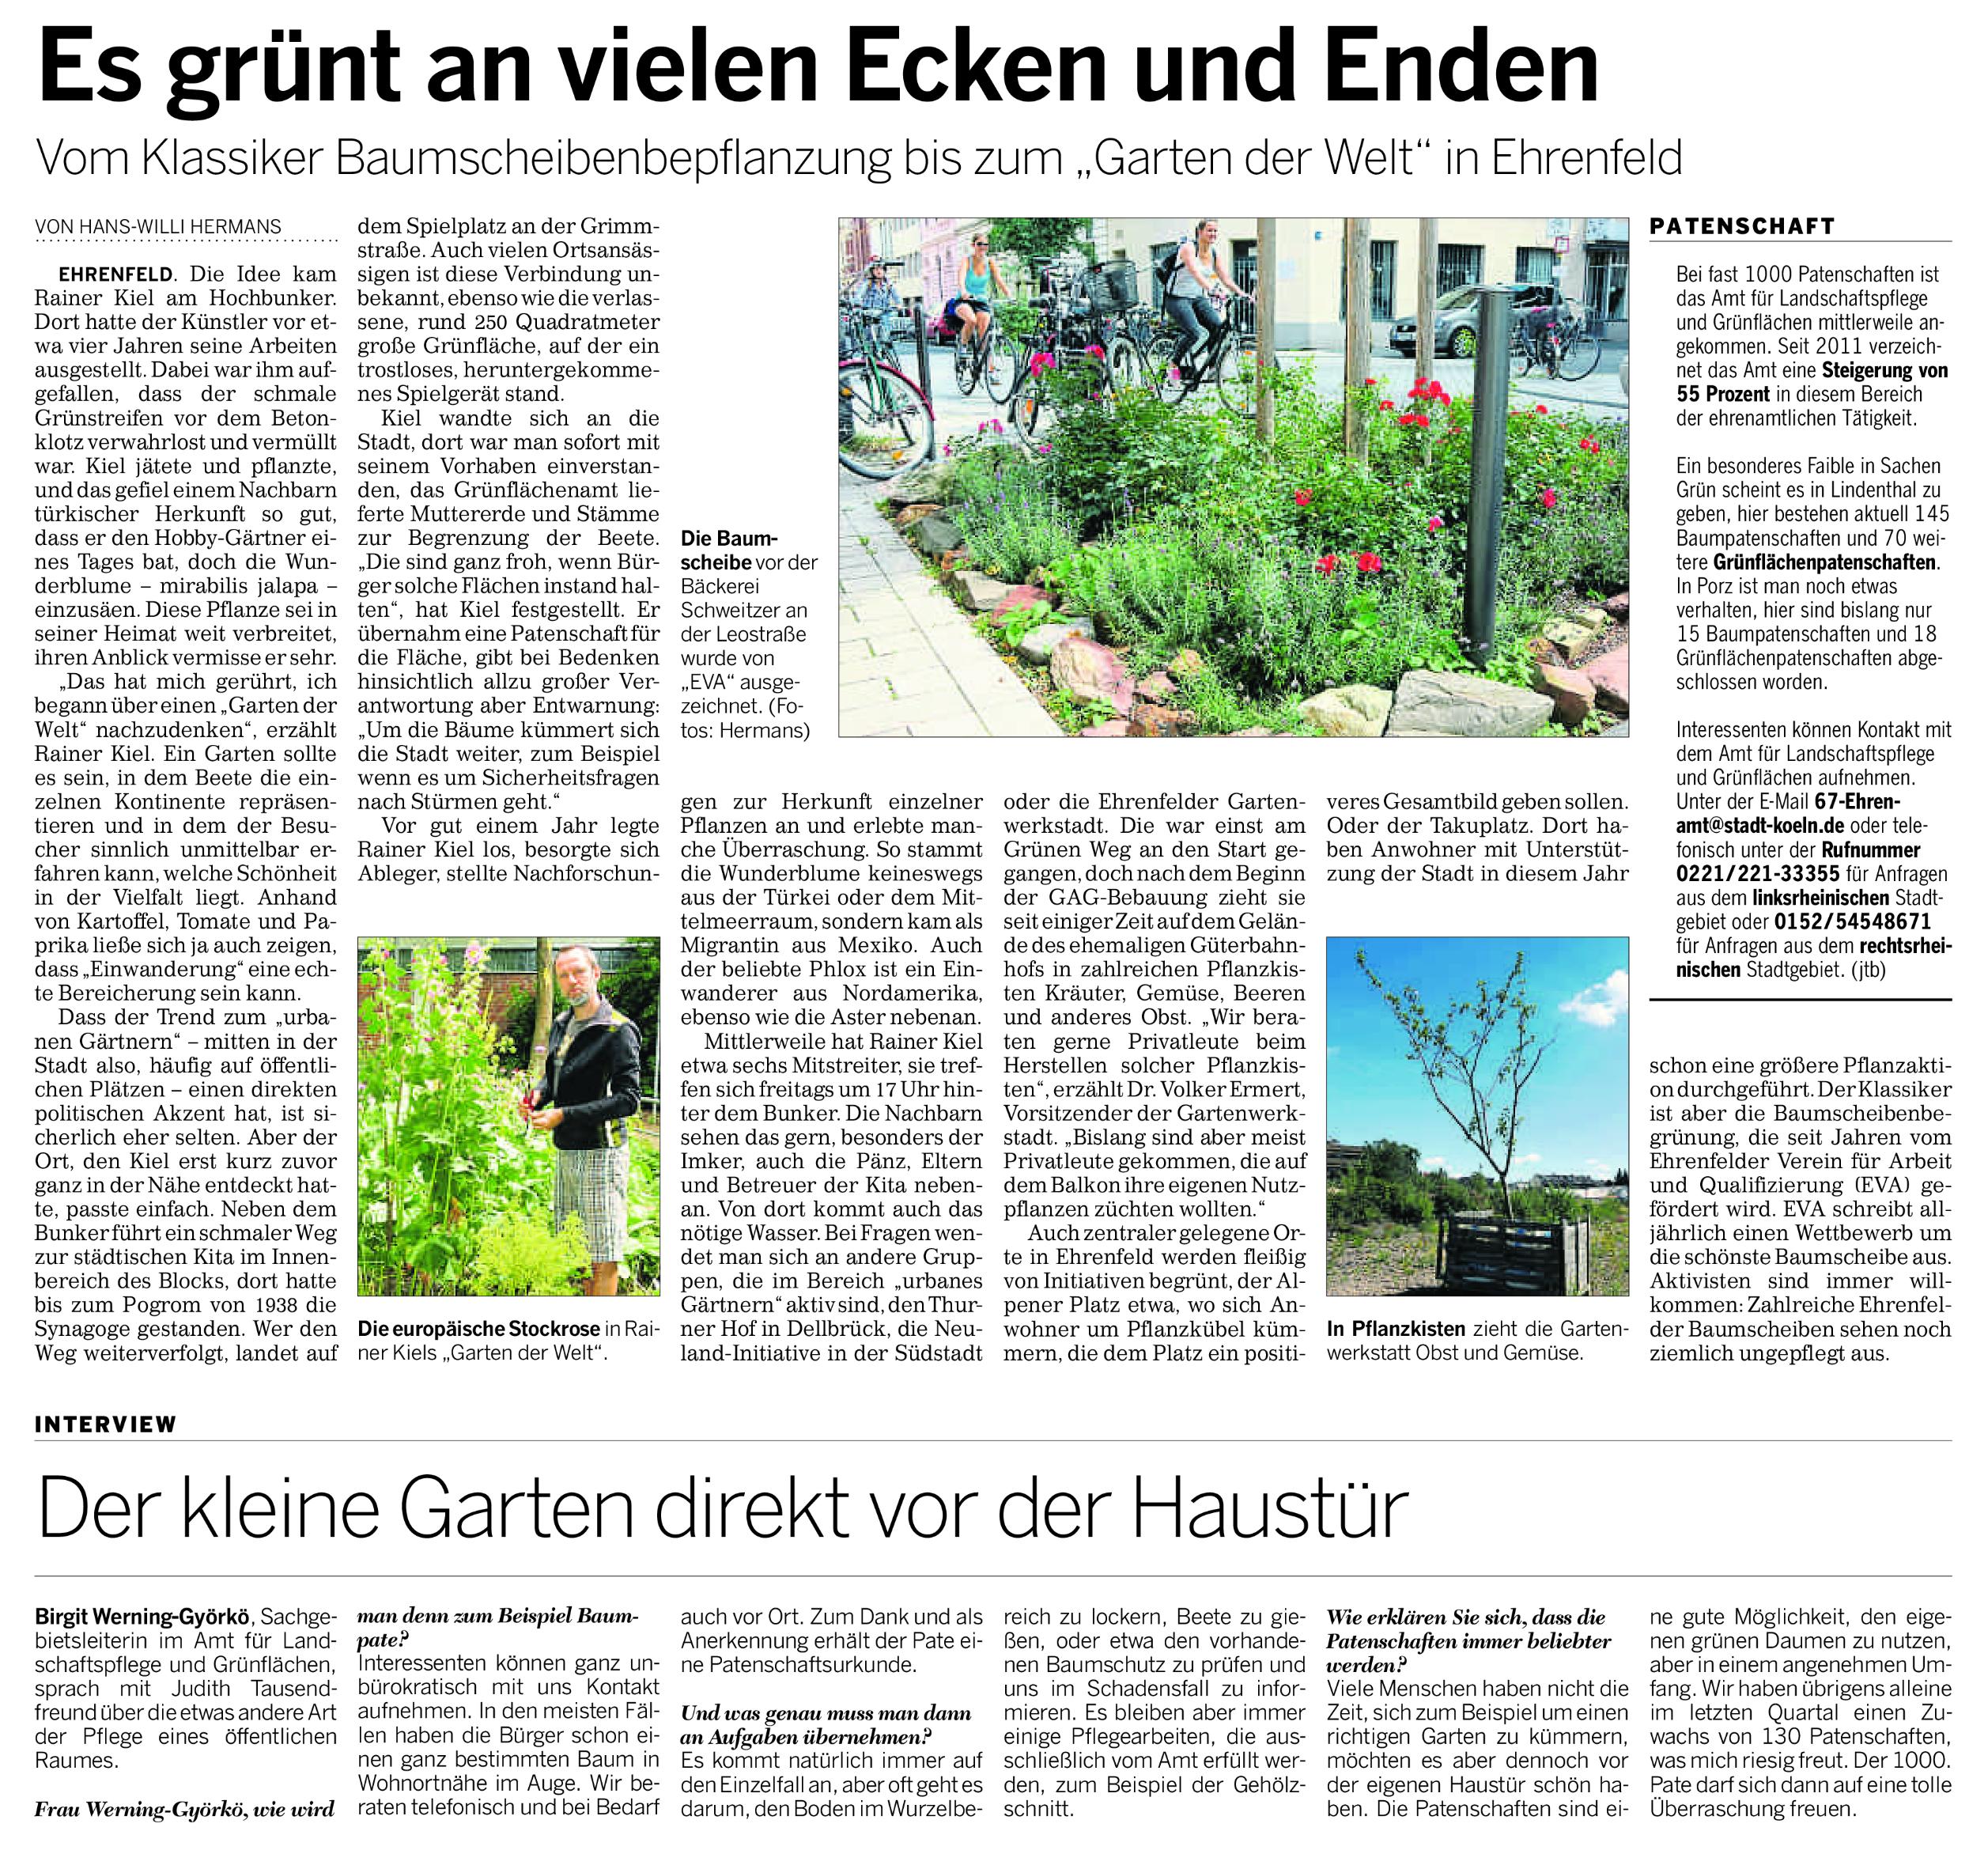 gws_gaerten_koelnischeRundschau_20150730